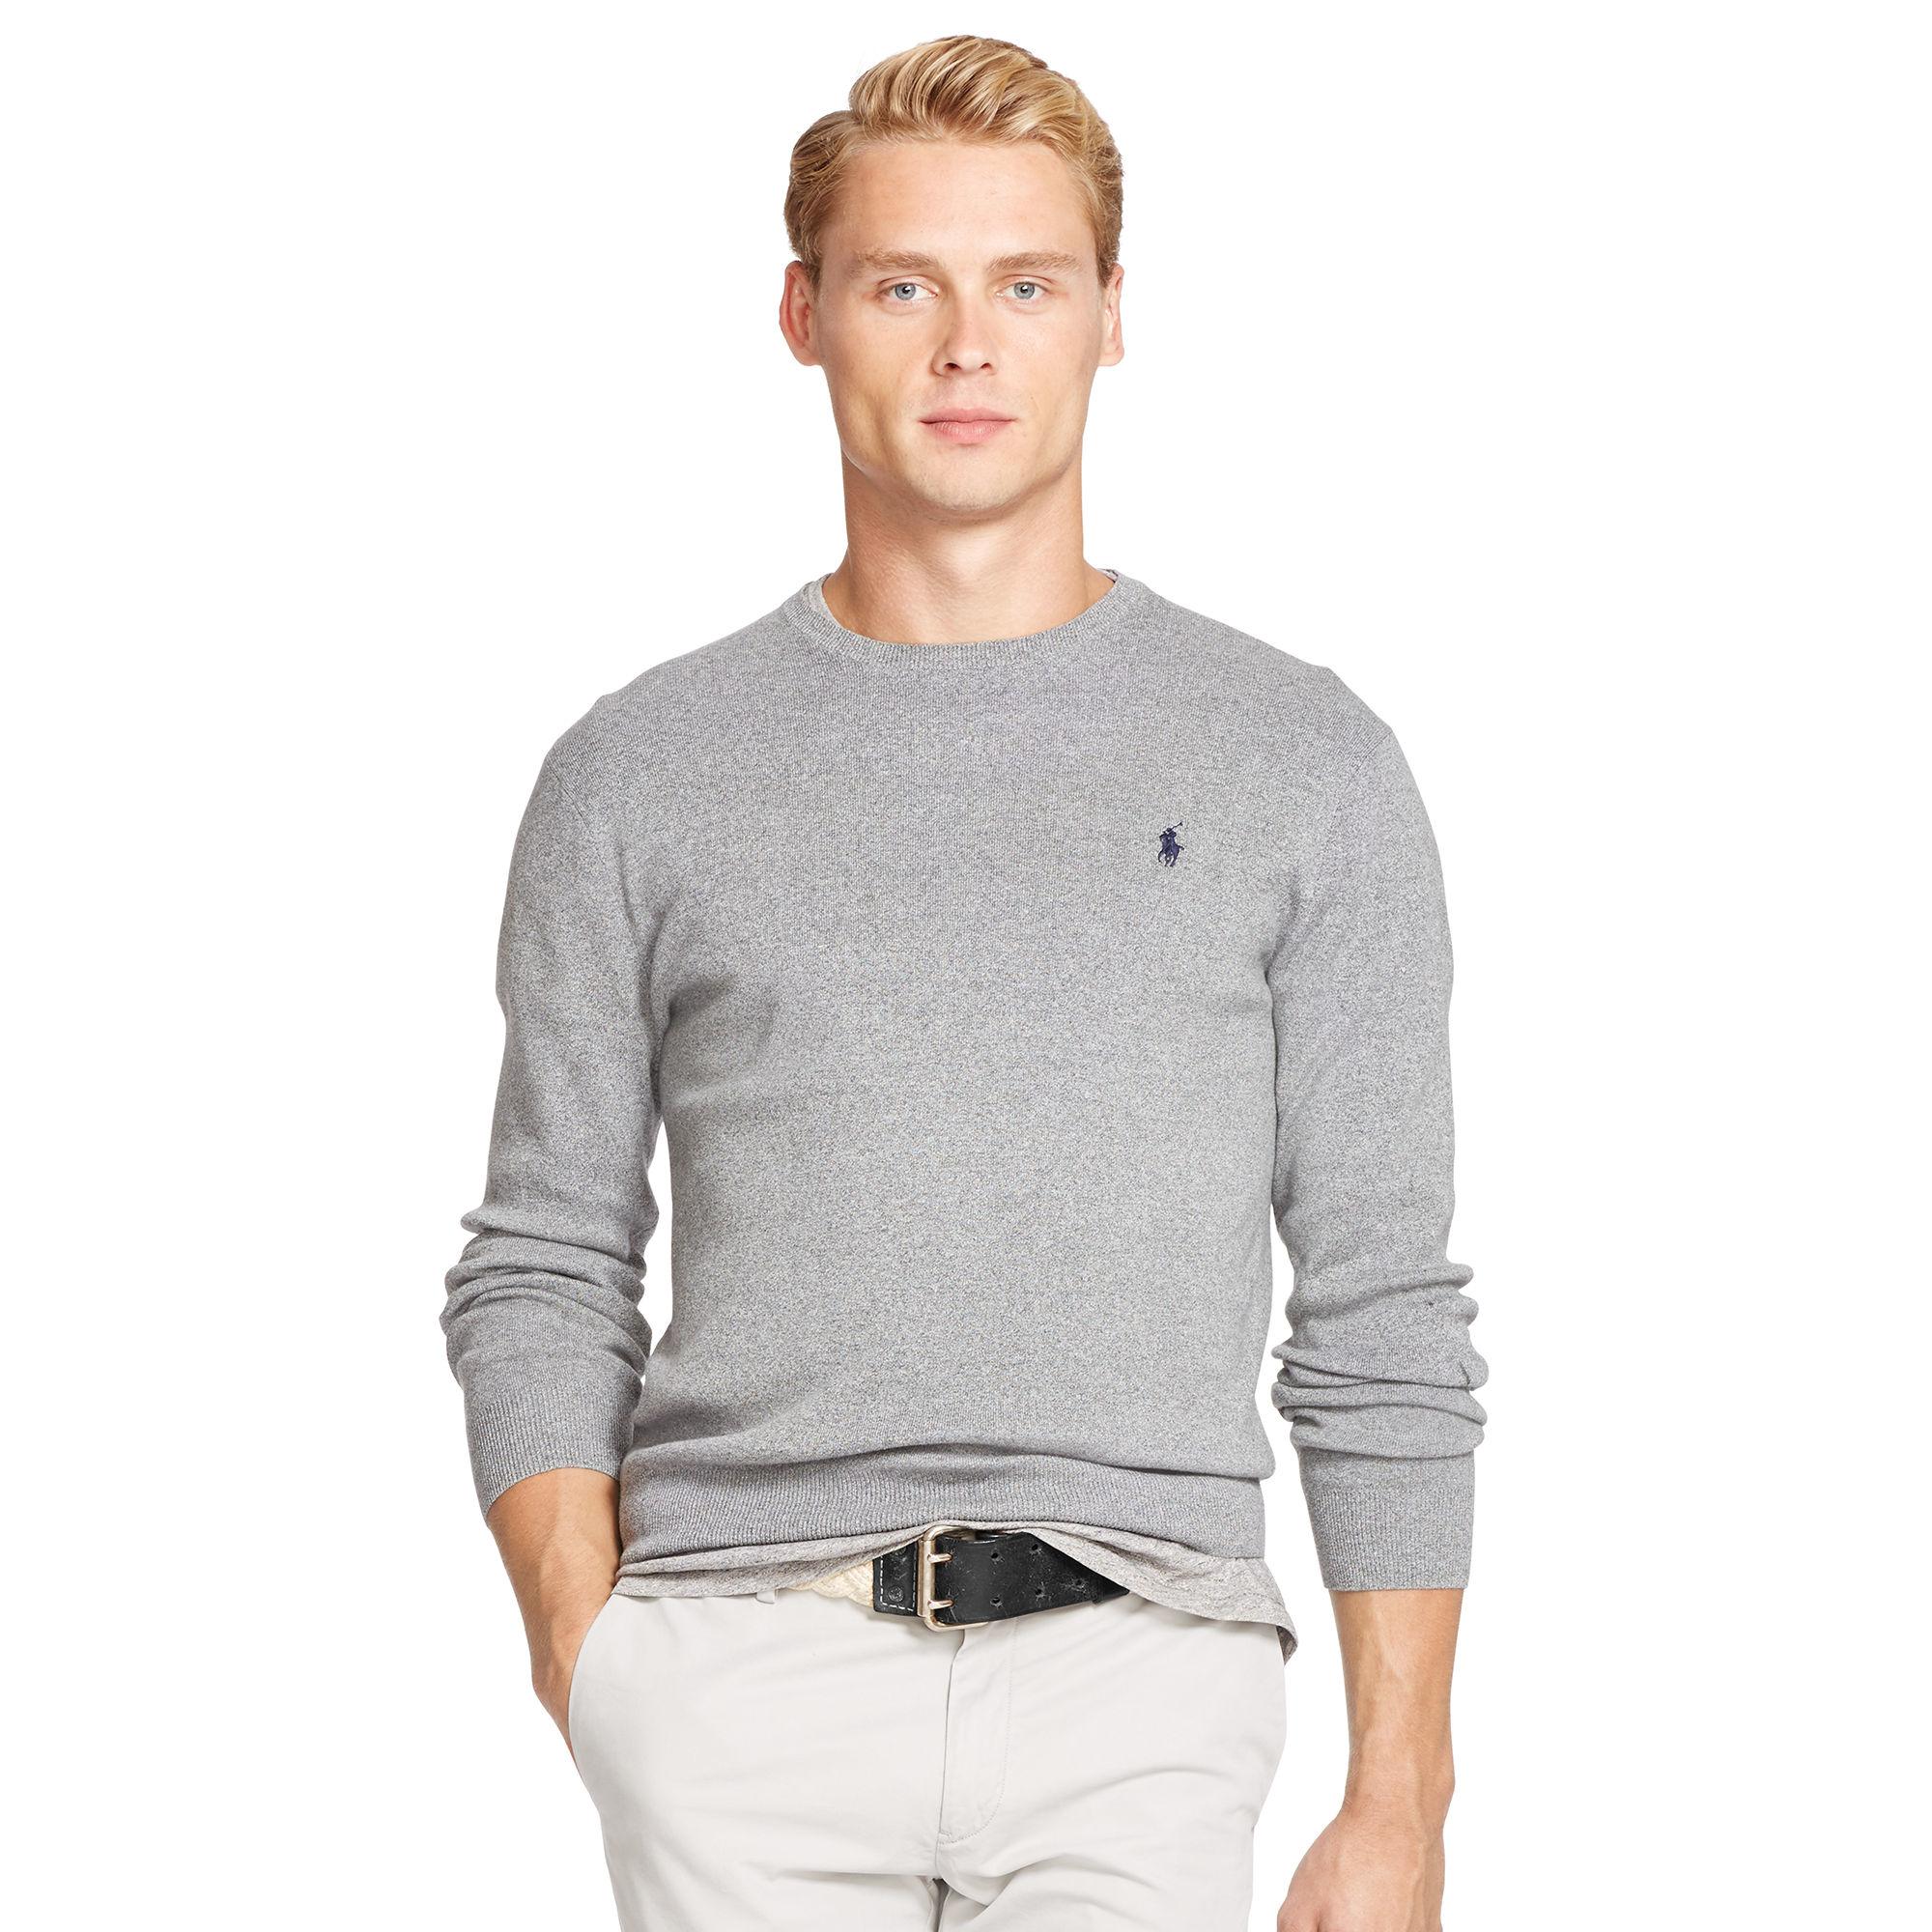 eb7475508bd58 polo ralph lauren sweater crew neck cotton pullover polo ralph ...